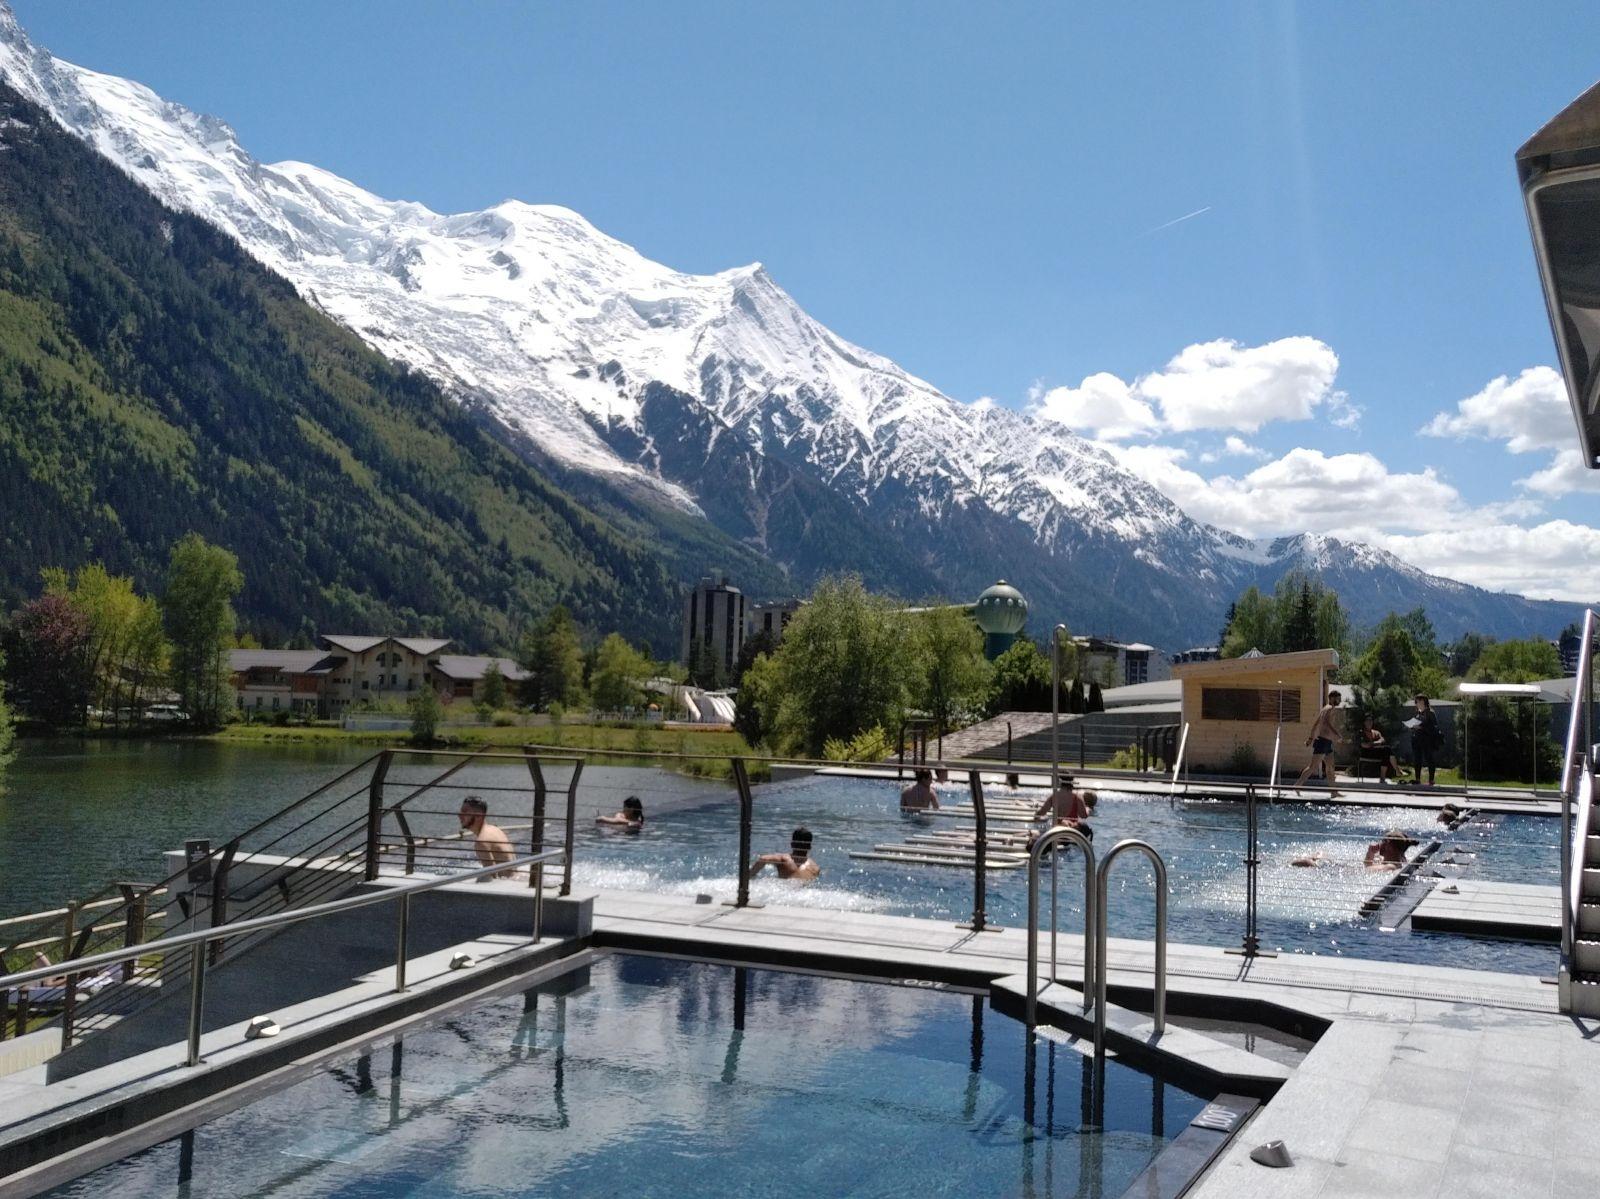 Massage, Hammam, Sauna, Soins Esthétiques, Piscine Etc ... encequiconcerne Piscine De Chamonix